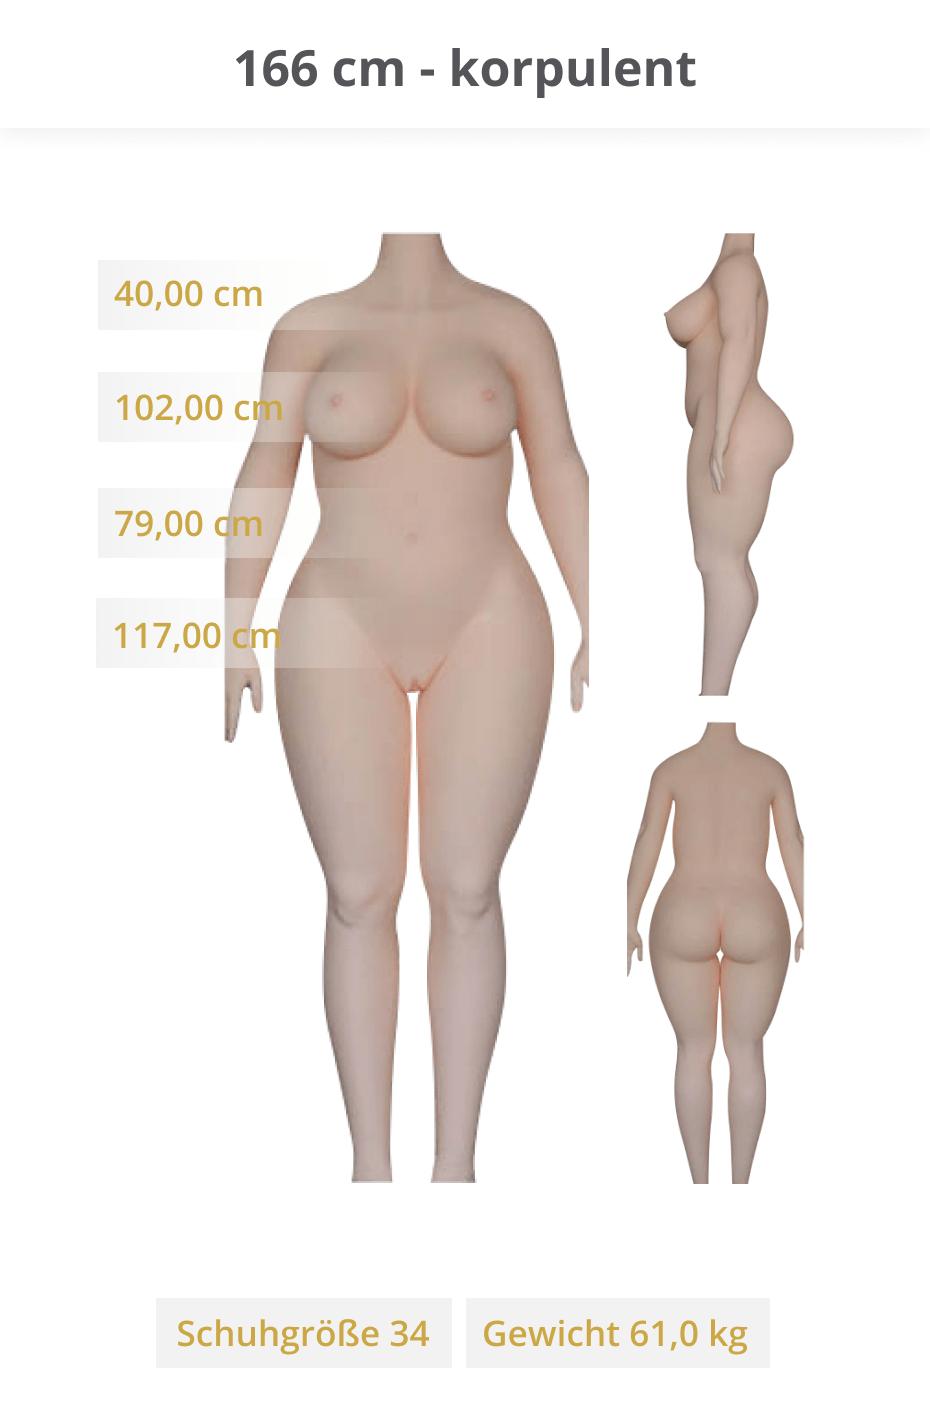 JY-Doll-166-cm-korpulent